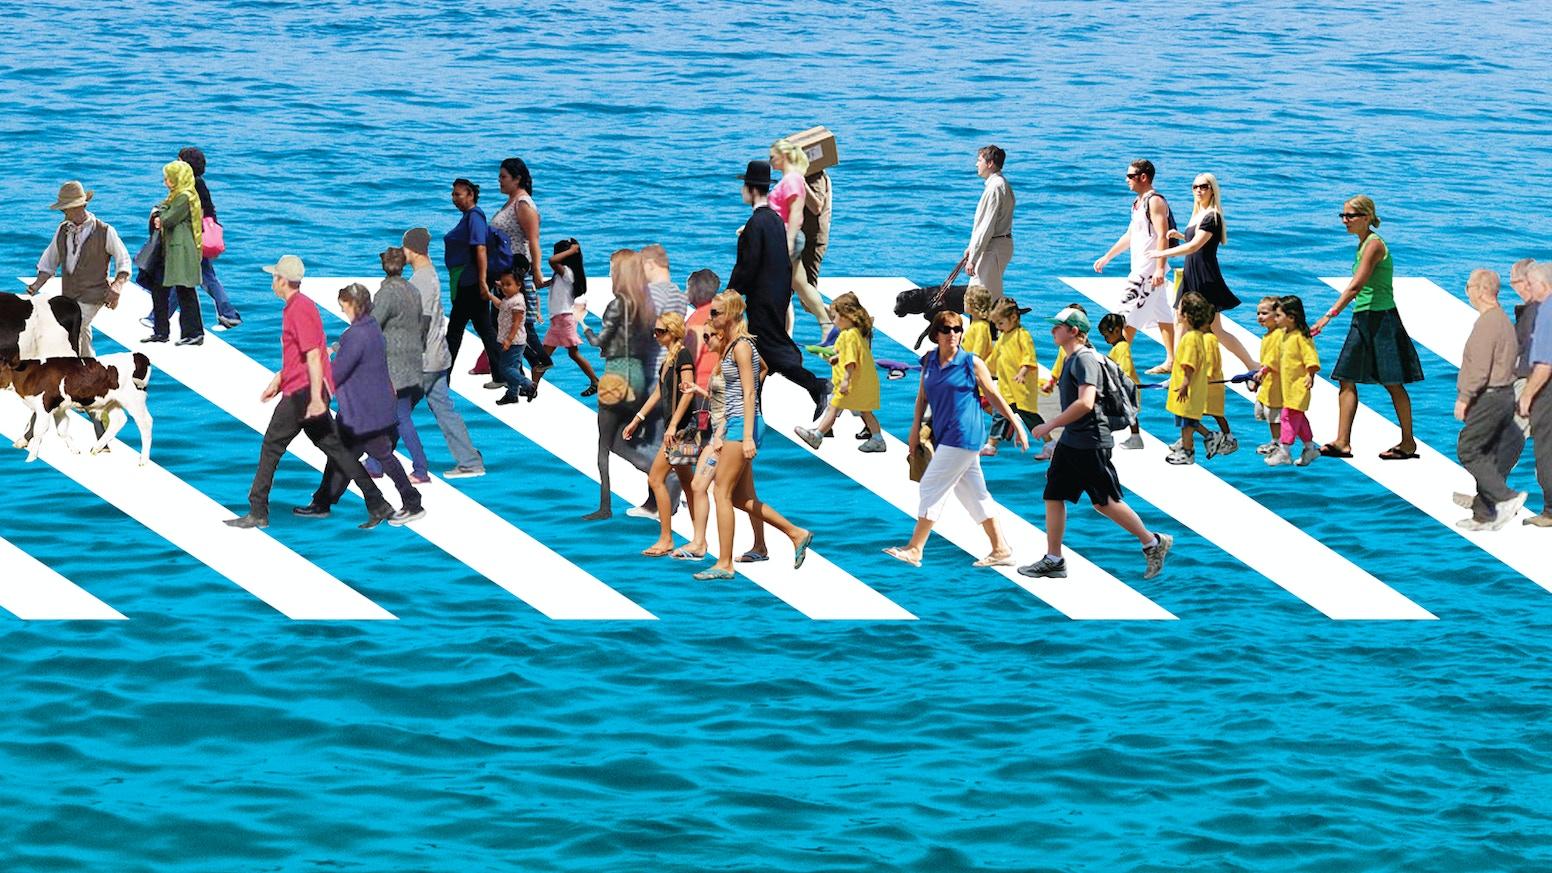 citizen bridge a floating pedestrian bridge by nancy nowacek